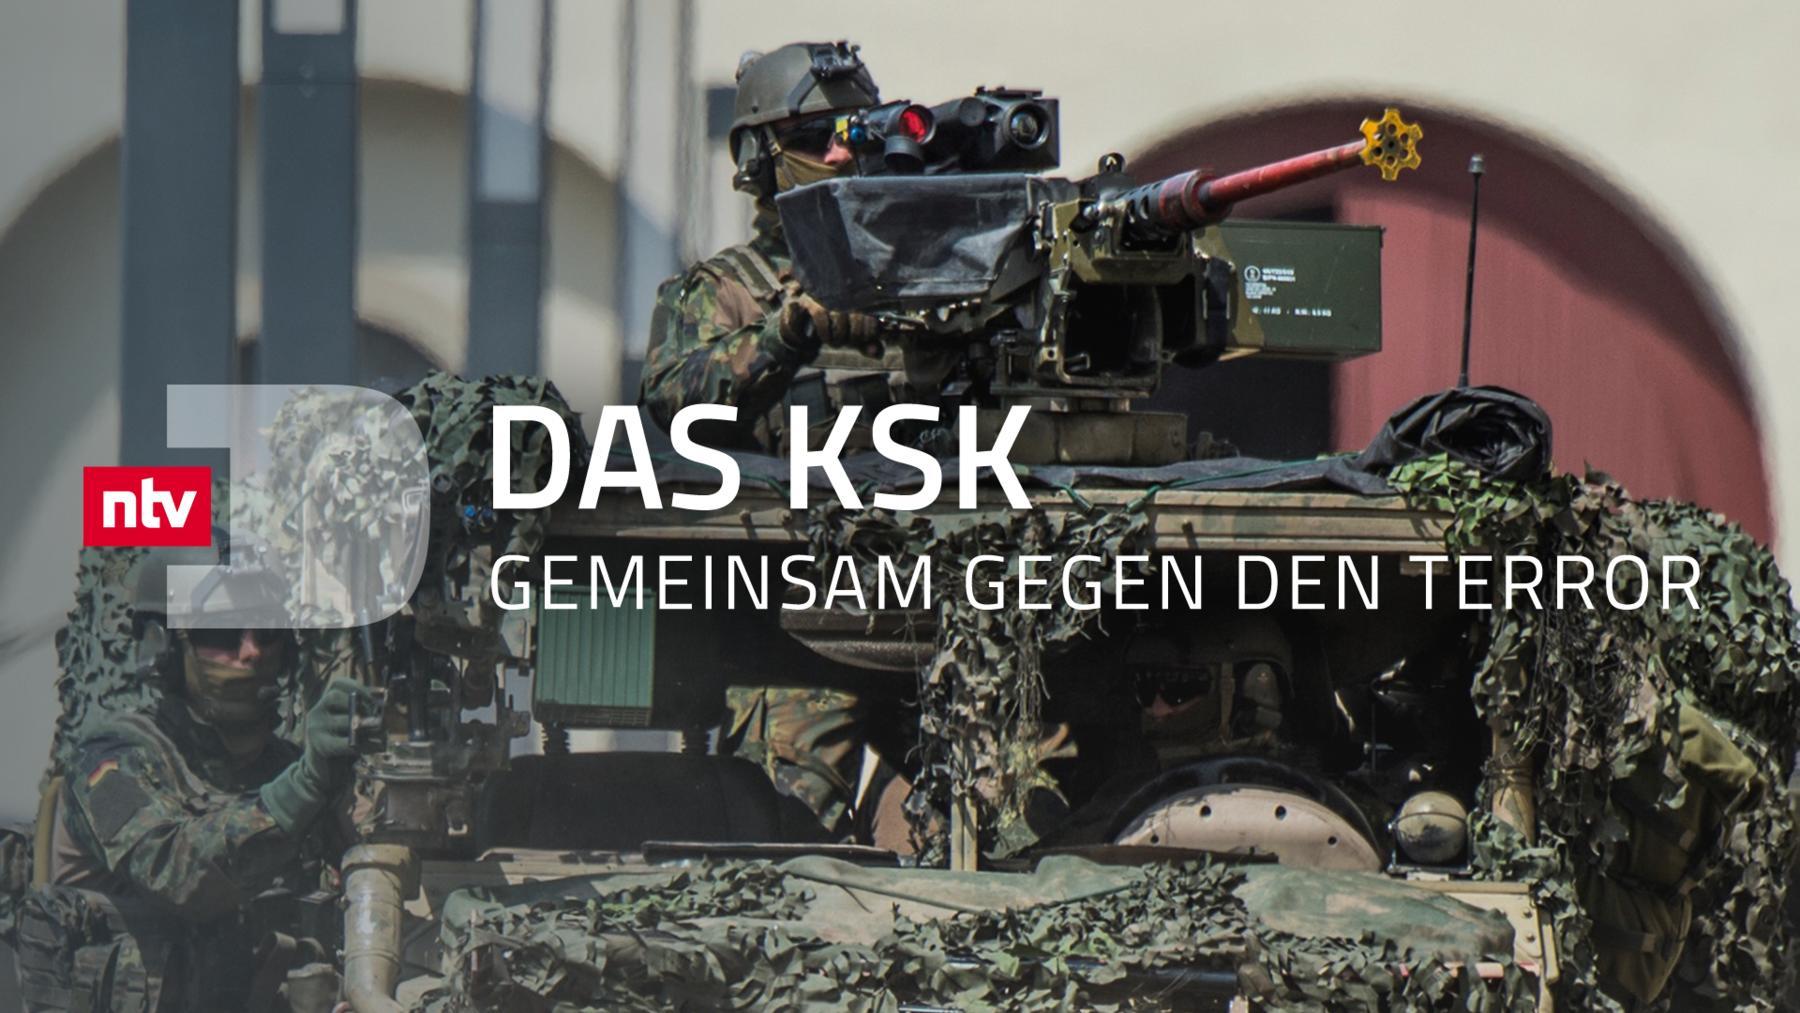 Das KSK - Gemeinsam gegen den Terror